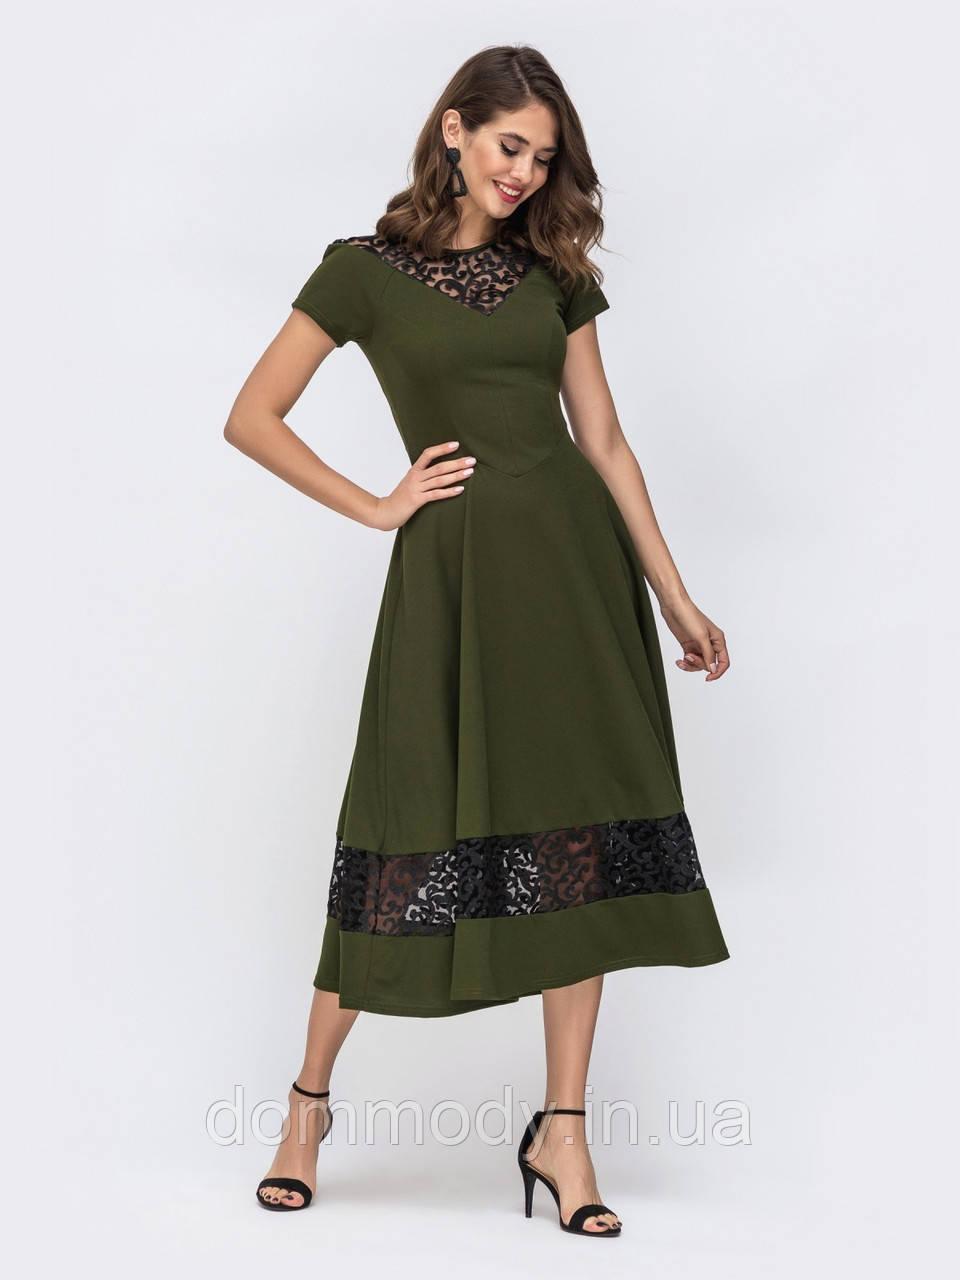 Платье женское Outfit green